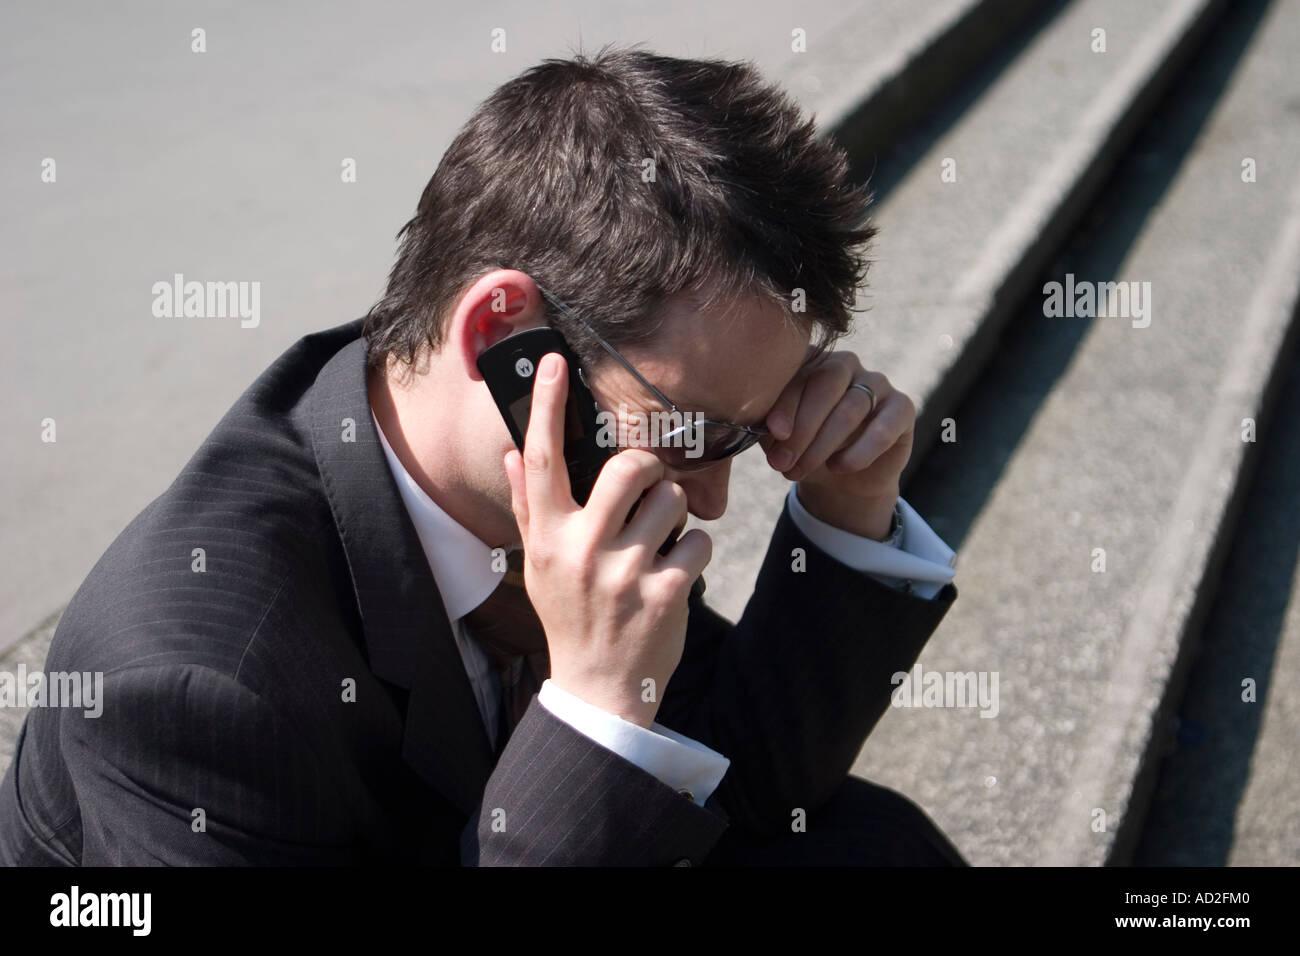 Junger Geschäftsmann legt seine Hand an den Kopf, wie er in der Londoner City Mobiltelefon auf Stufen Stockbild